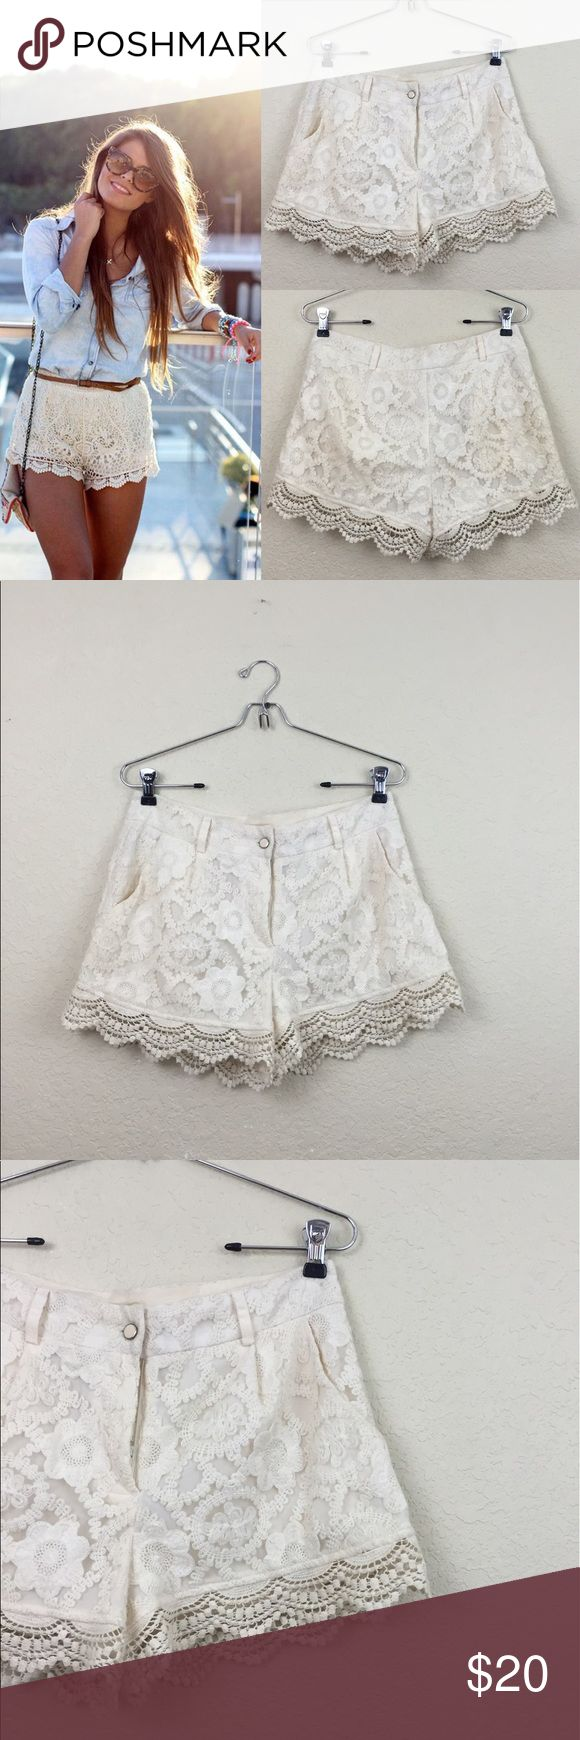 Monteau lace shorts Monteau lace cream shorts size medium Monteau Shorts